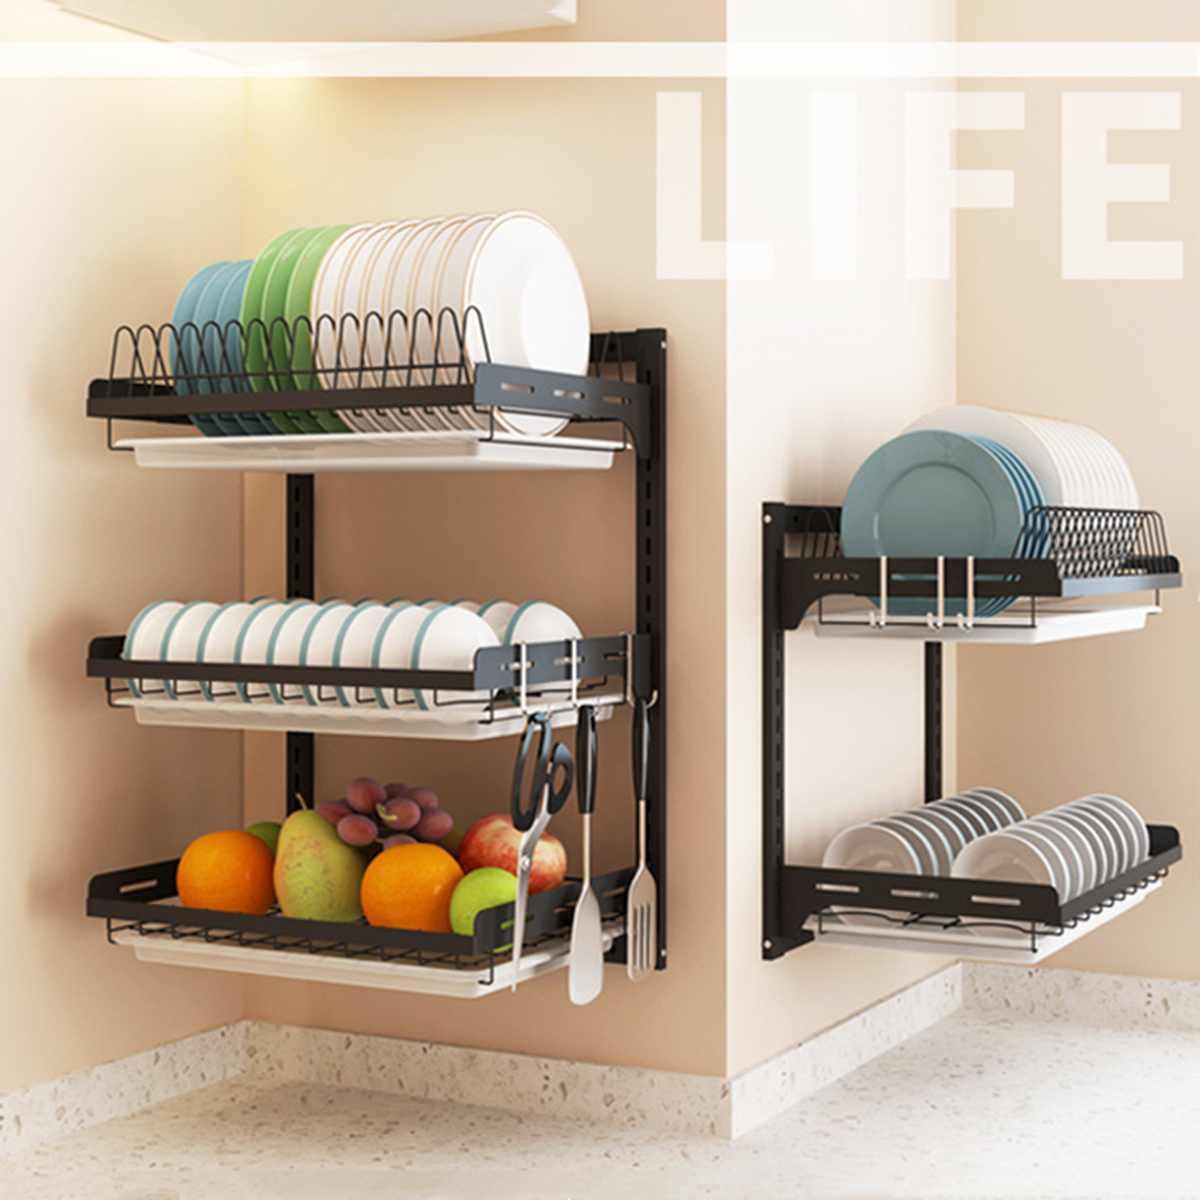 Étagère de cuisine en acier inoxydable bricolage étagère de cuisine murale, bricolage support de cuisine organisateur plat rack baguettes Cage porte-couteau